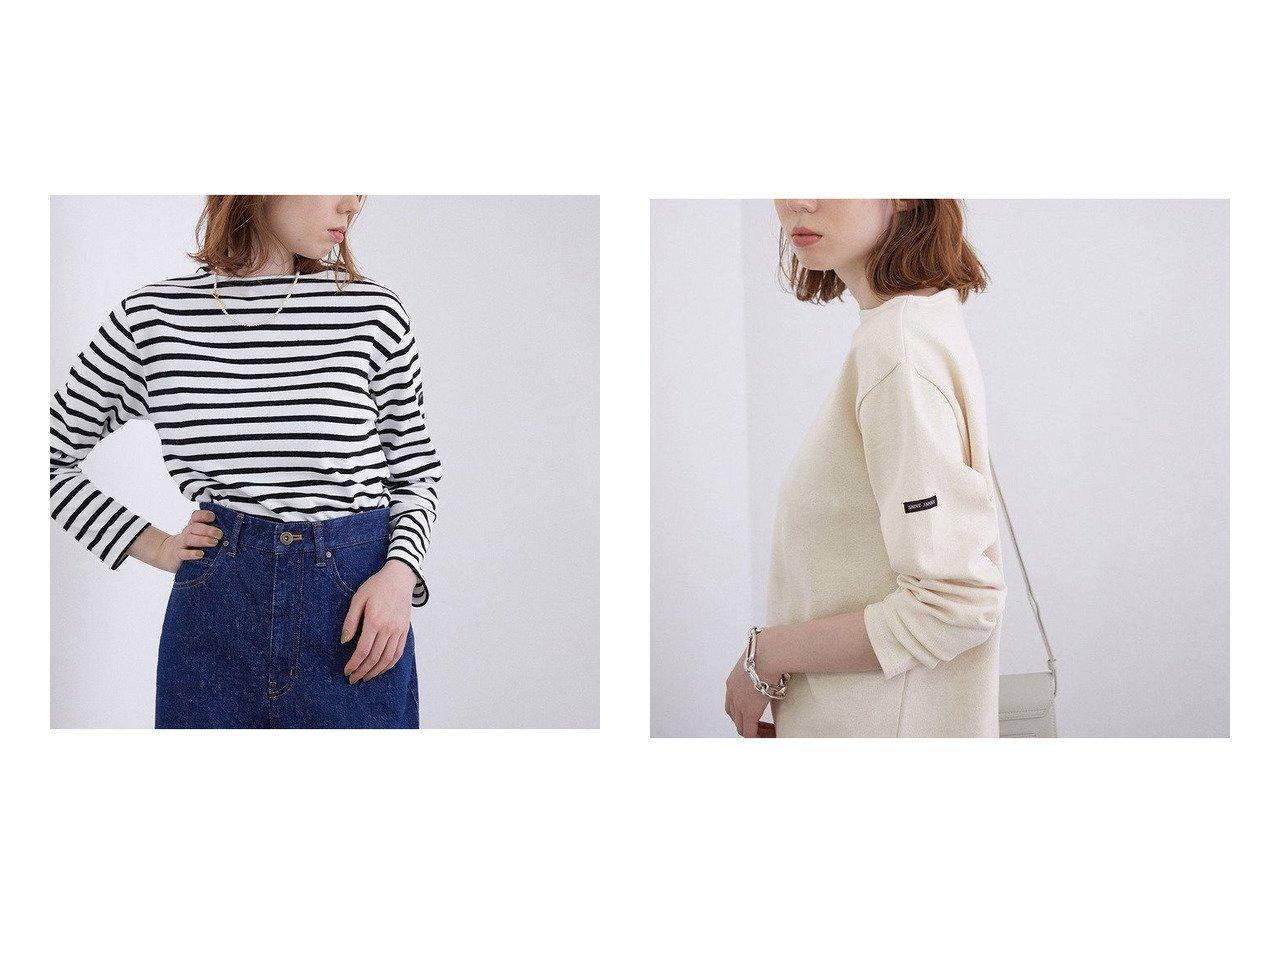 【ROPE' mademoiselle/ロペ マドモアゼル】の【Saint James】ボートネックウェッソンバスクシャツ トップス・カットソーのおすすめ!人気、トレンド・レディースファッションの通販 おすすめで人気の流行・トレンド、ファッションの通販商品 メンズファッション・キッズファッション・インテリア・家具・レディースファッション・服の通販 founy(ファニー) https://founy.com/ ファッション Fashion レディースファッション WOMEN トップス カットソー Tops Tshirt シャツ/ブラウス Shirts Blouses ロング / Tシャツ T-Shirts カットソー Cut and Sewn カットソー セーター 定番 Standard フランス 2021年 2021 再入荷 Restock/Back in Stock/Re Arrival S/S 春夏 SS Spring/Summer 2021 春夏 S/S SS Spring/Summer 2021 |ID:crp329100000022858